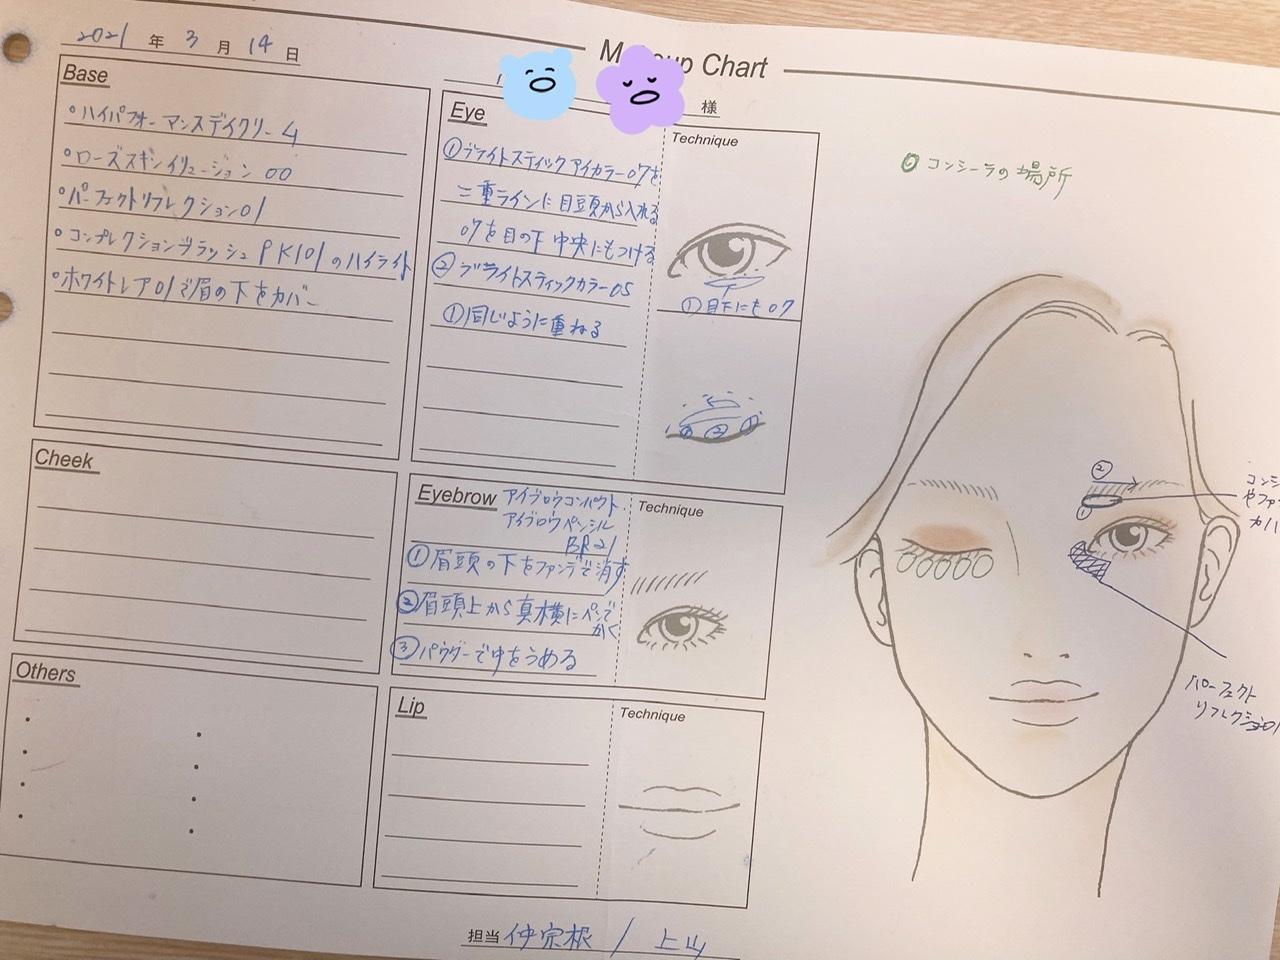 【予約殺到!】【メイクアップ専門スタジオ】ALBION STUDIOに行ってきました♡_5